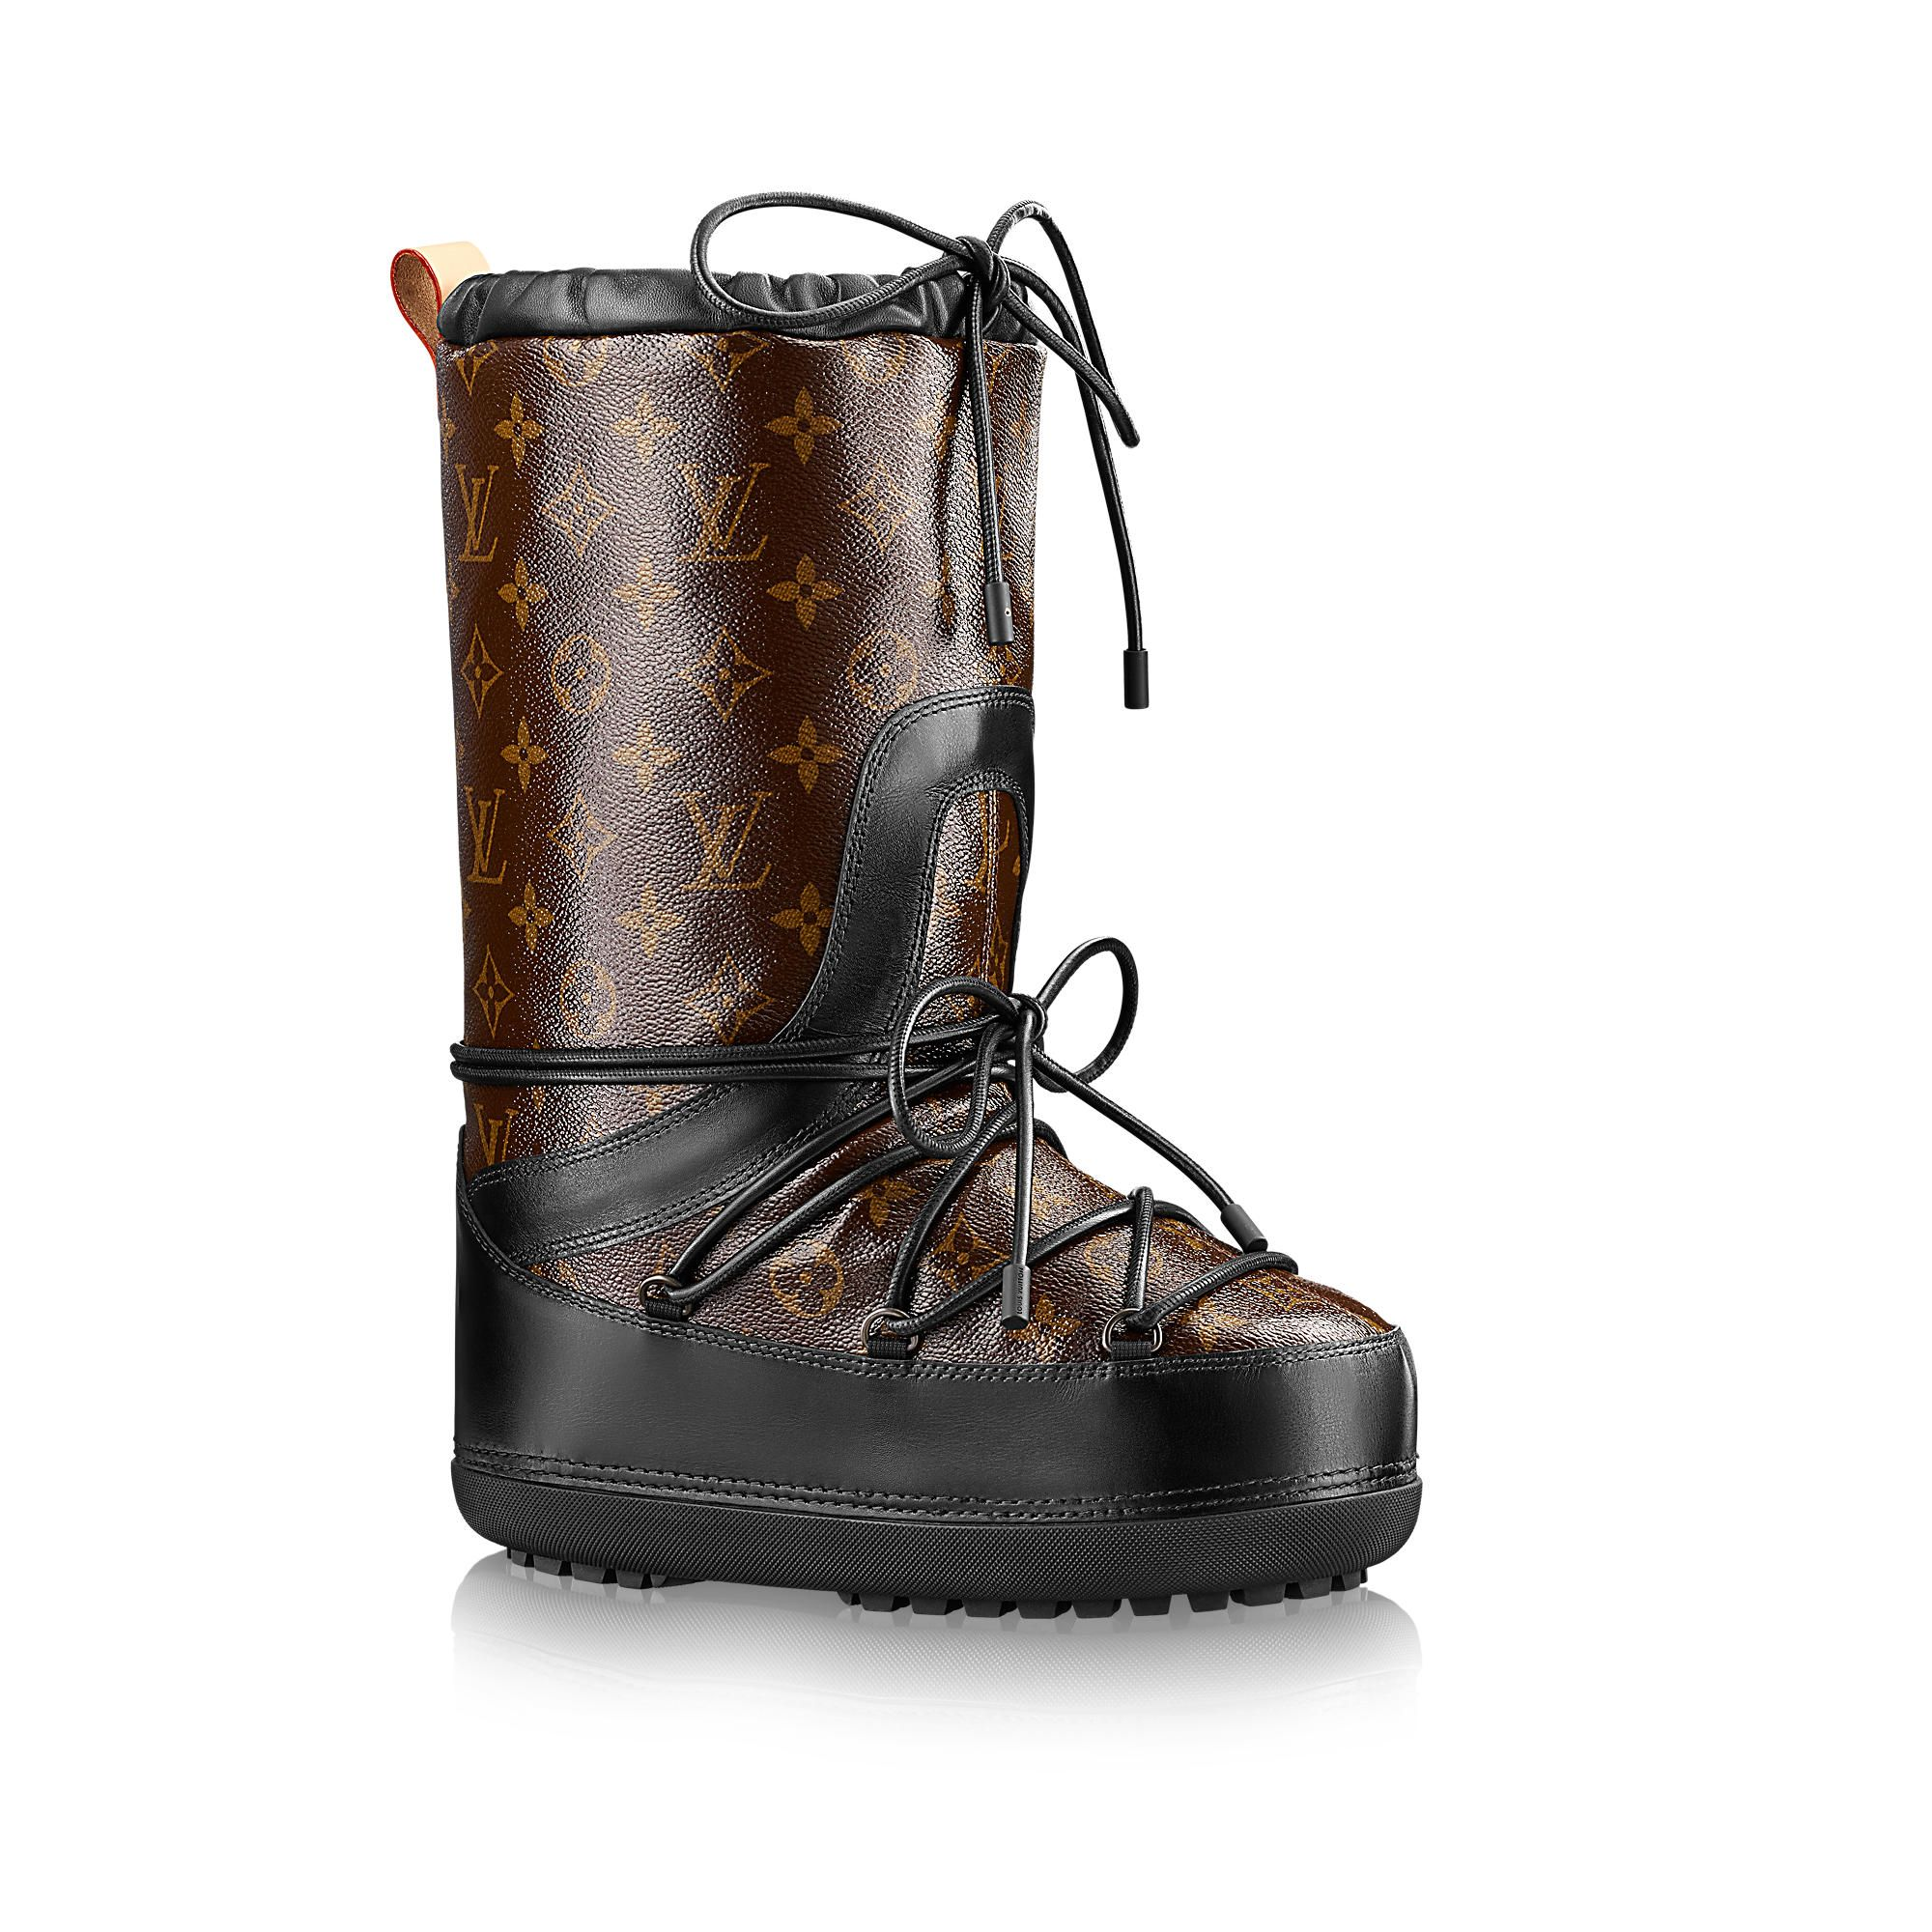 Boots, Shoes world, Louis vuitton